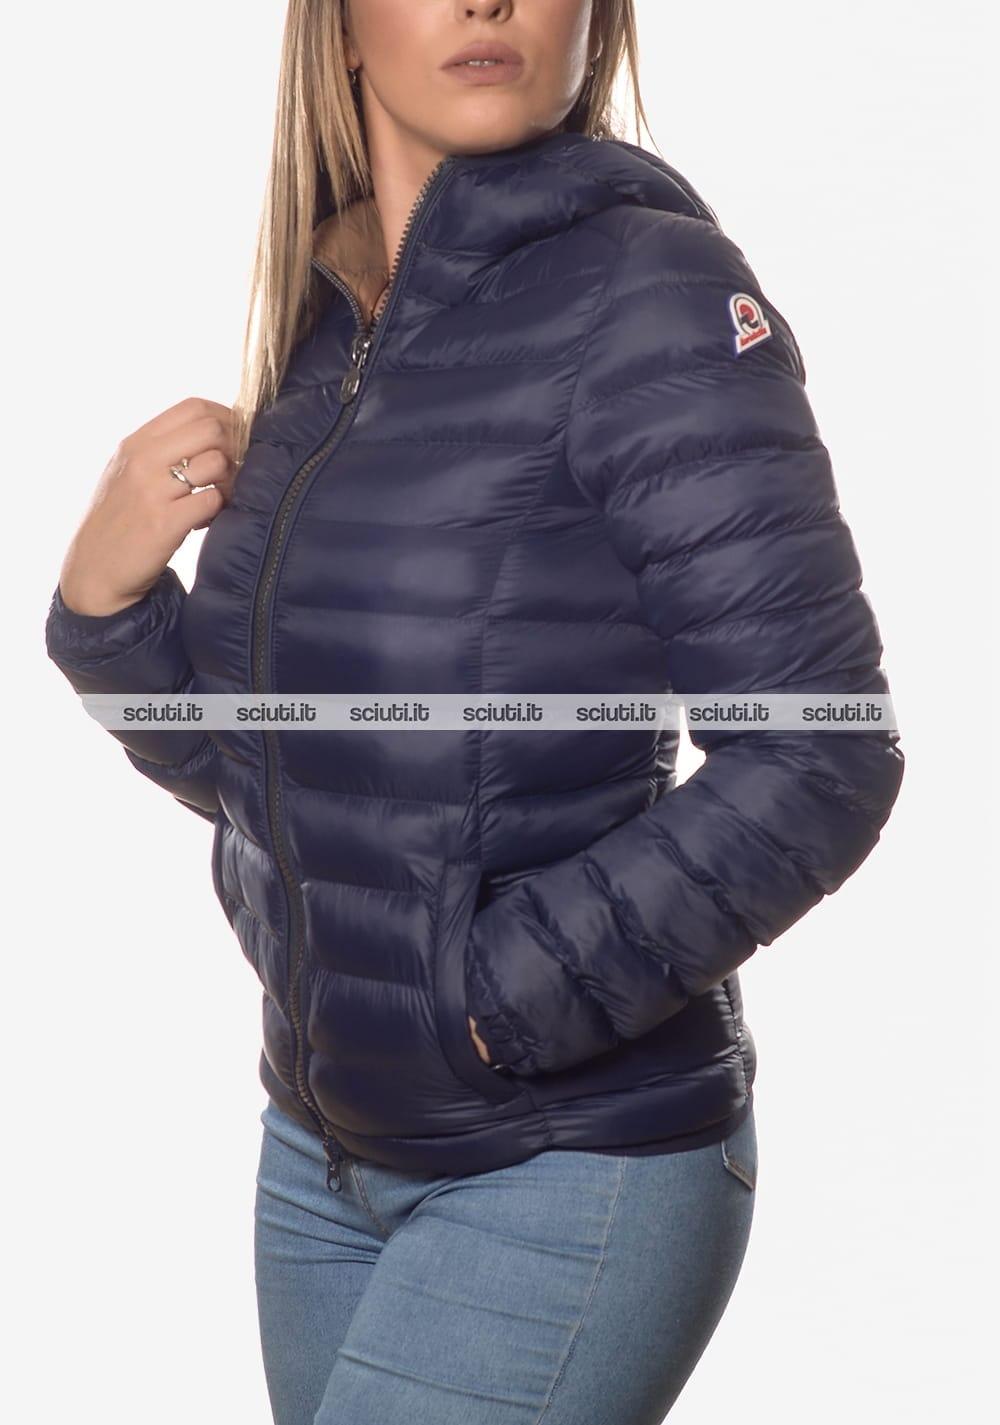 buy popular bd69d c35e7 Piumino Invicta donna con cappuccio blu